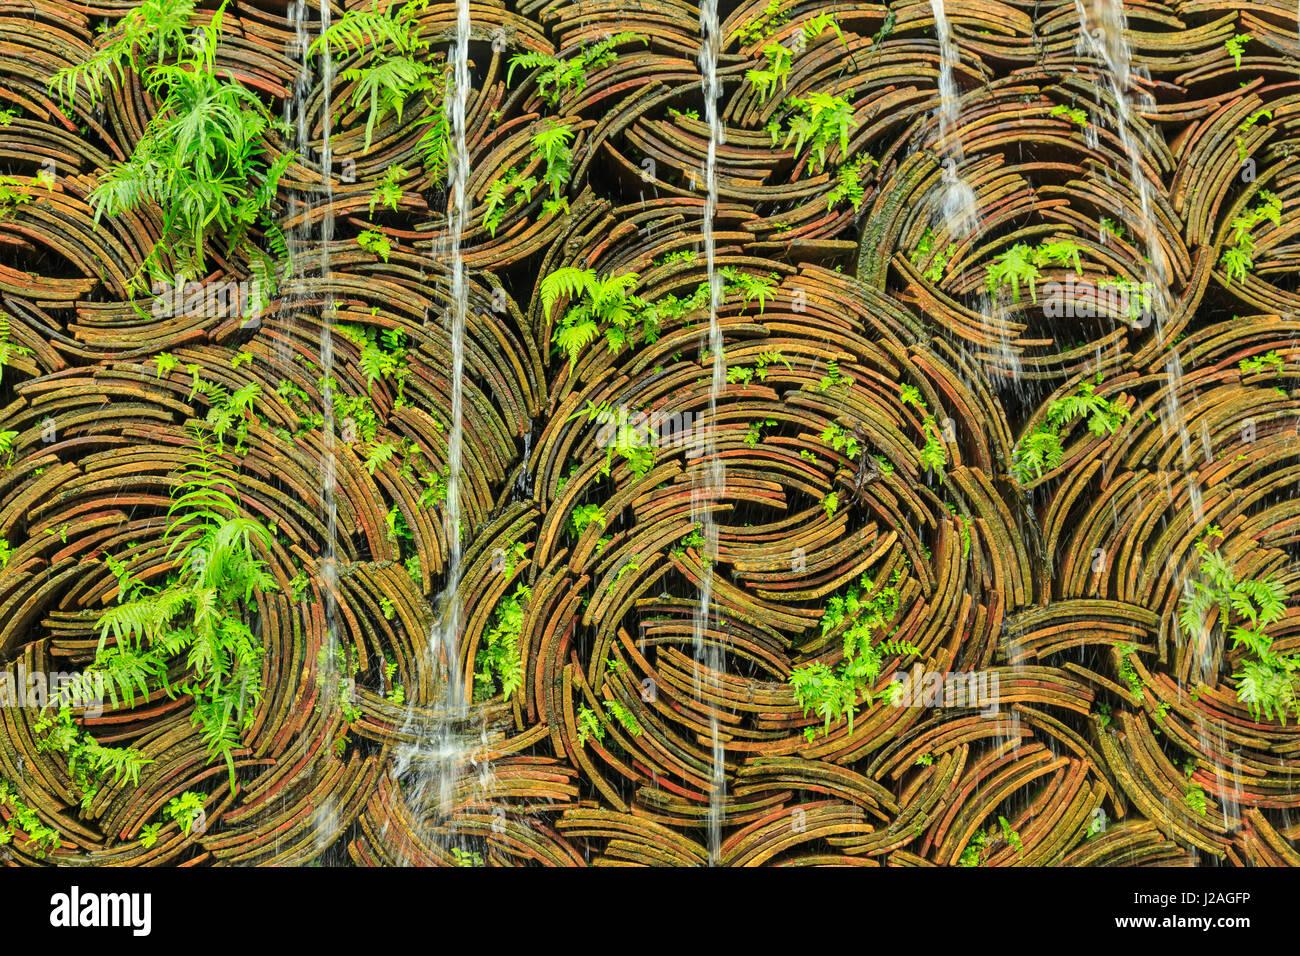 Piastrelle impilate per la cascata nanfeng forno più antico della